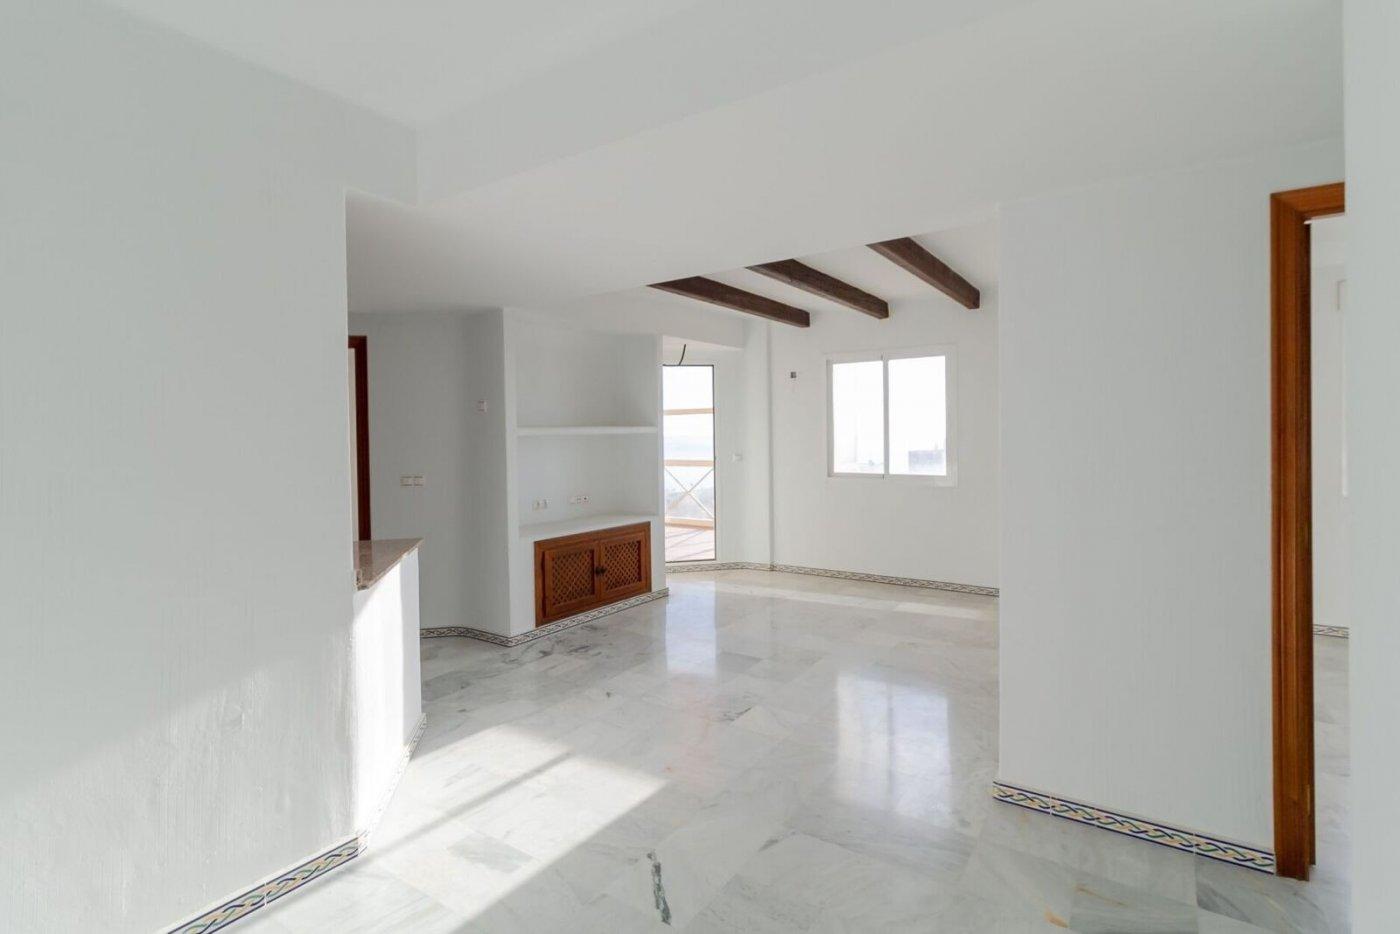 Продаётся очаровательная средиземноморская квартира с видом на море в Плайя де лос Локос